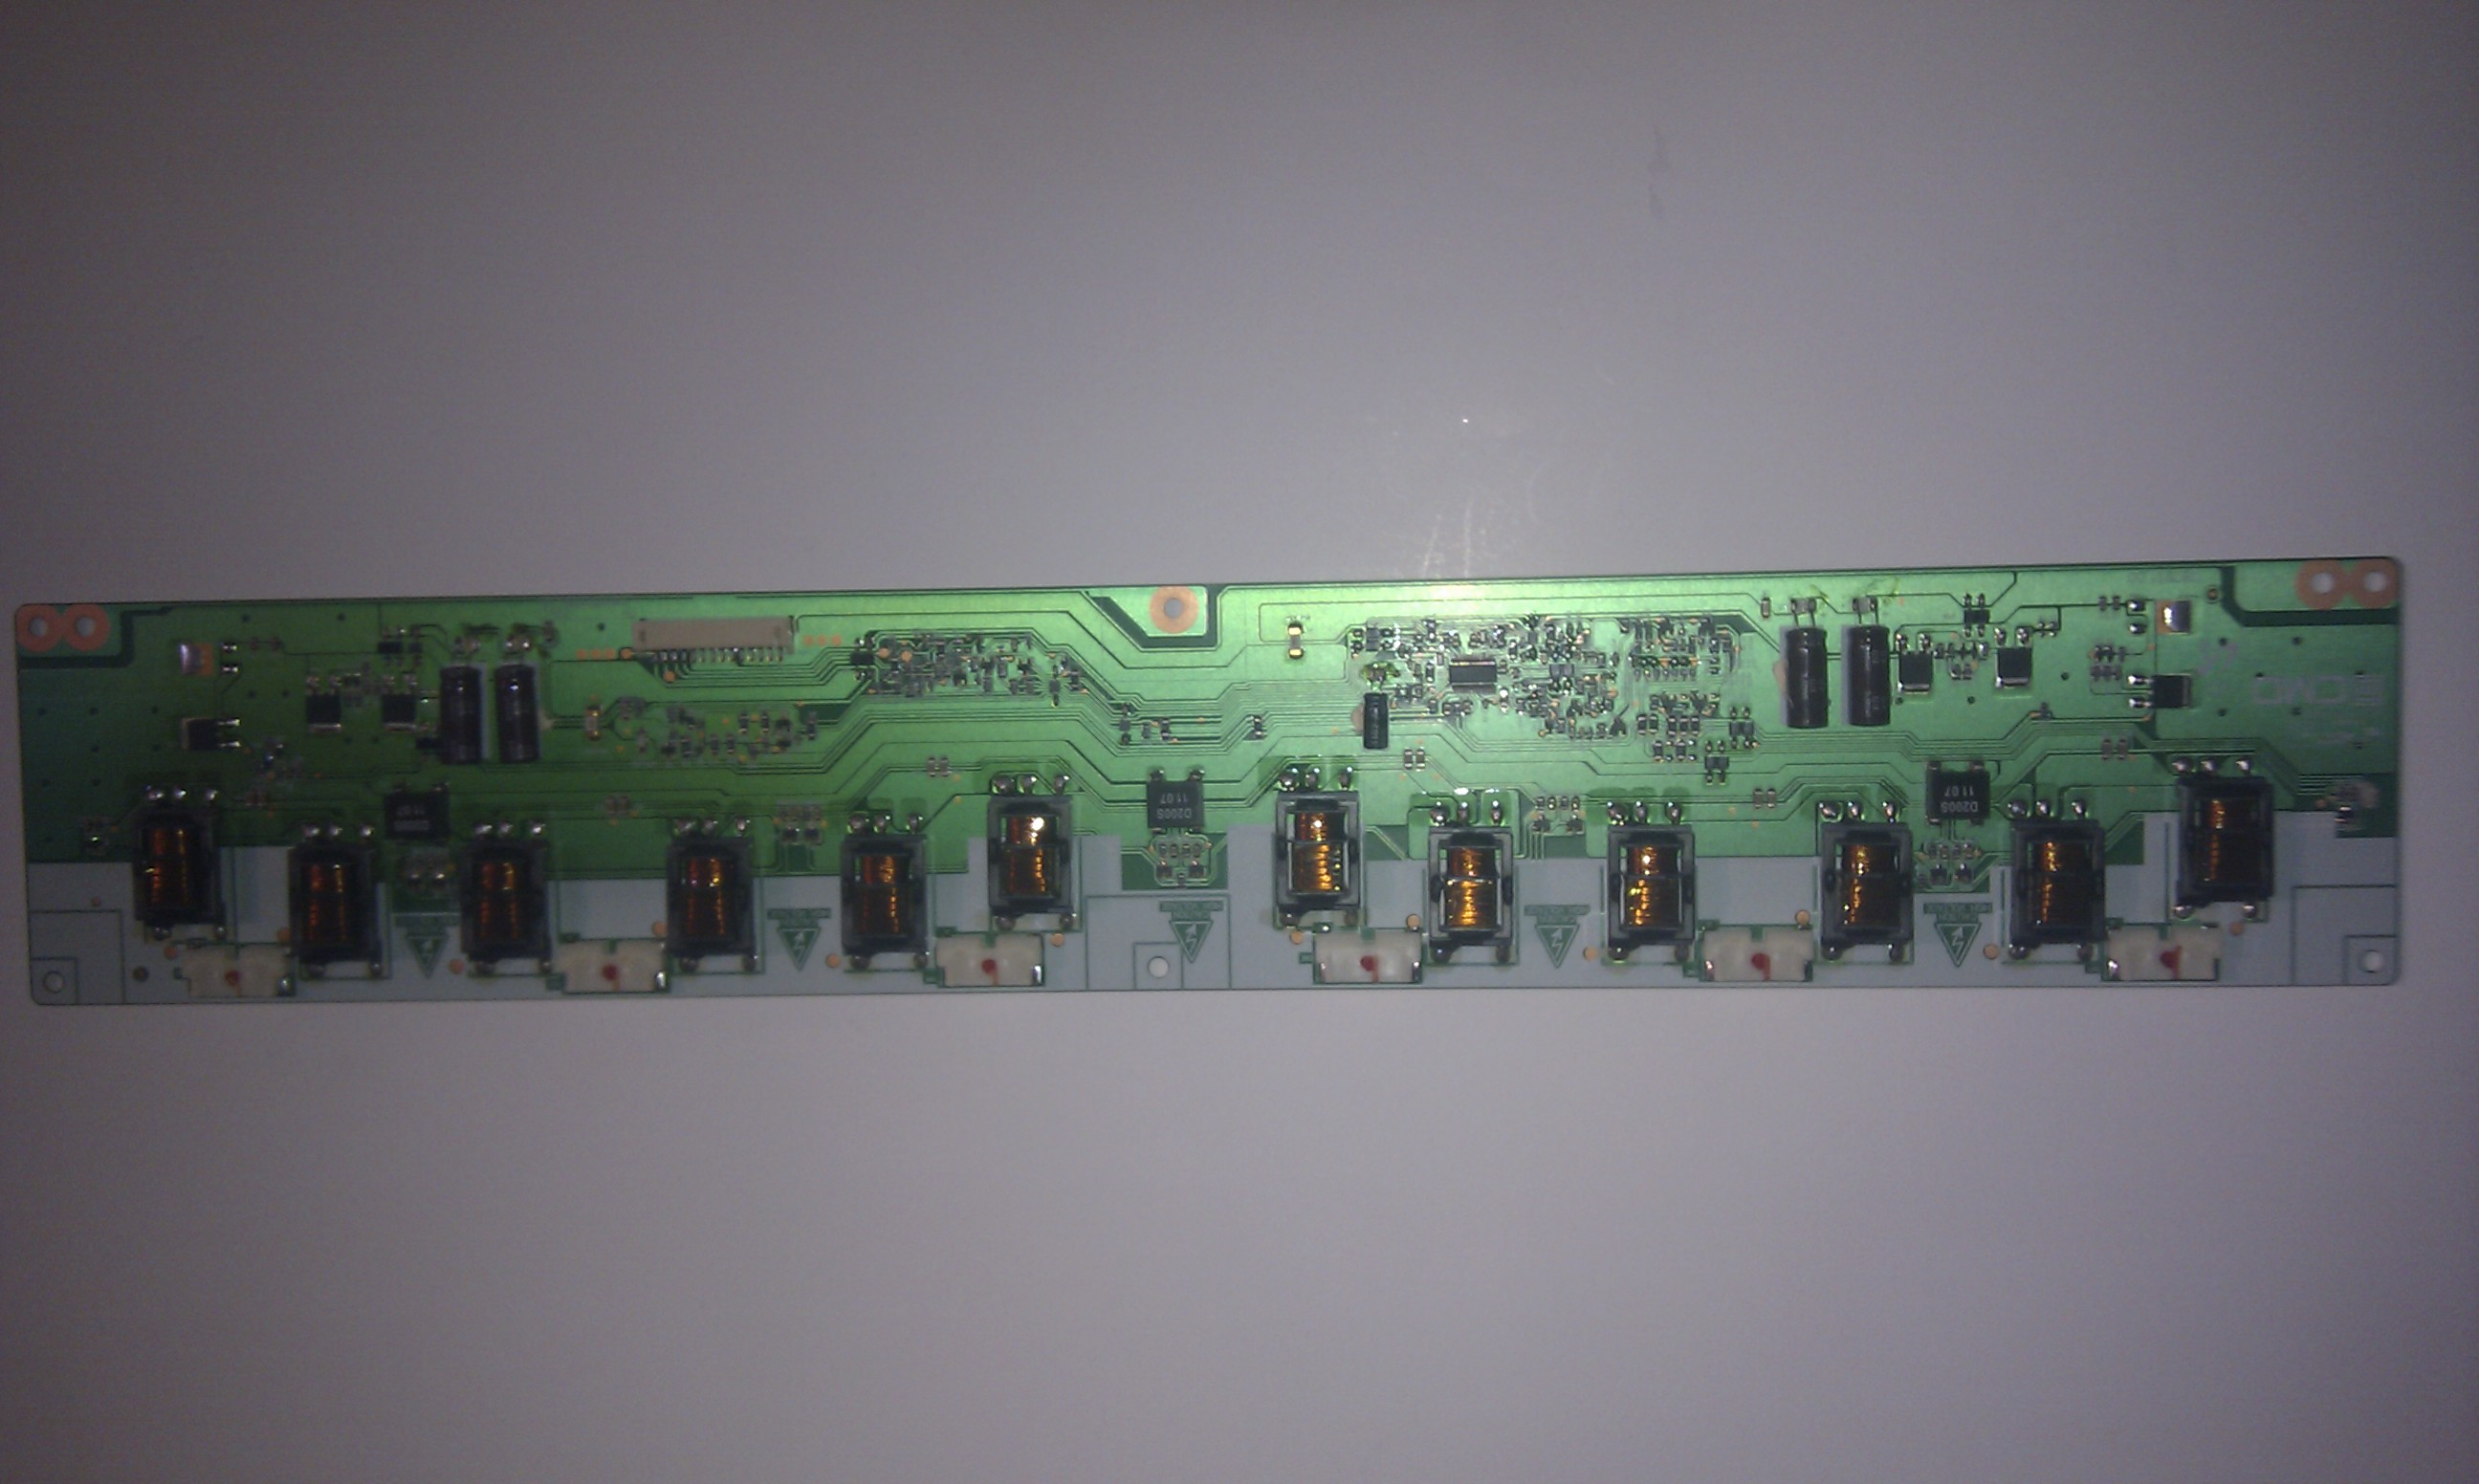 [Sprzedam] Wszystkie p�yty i pilota z LCD z zbita matryca Toshiba 40LV833G